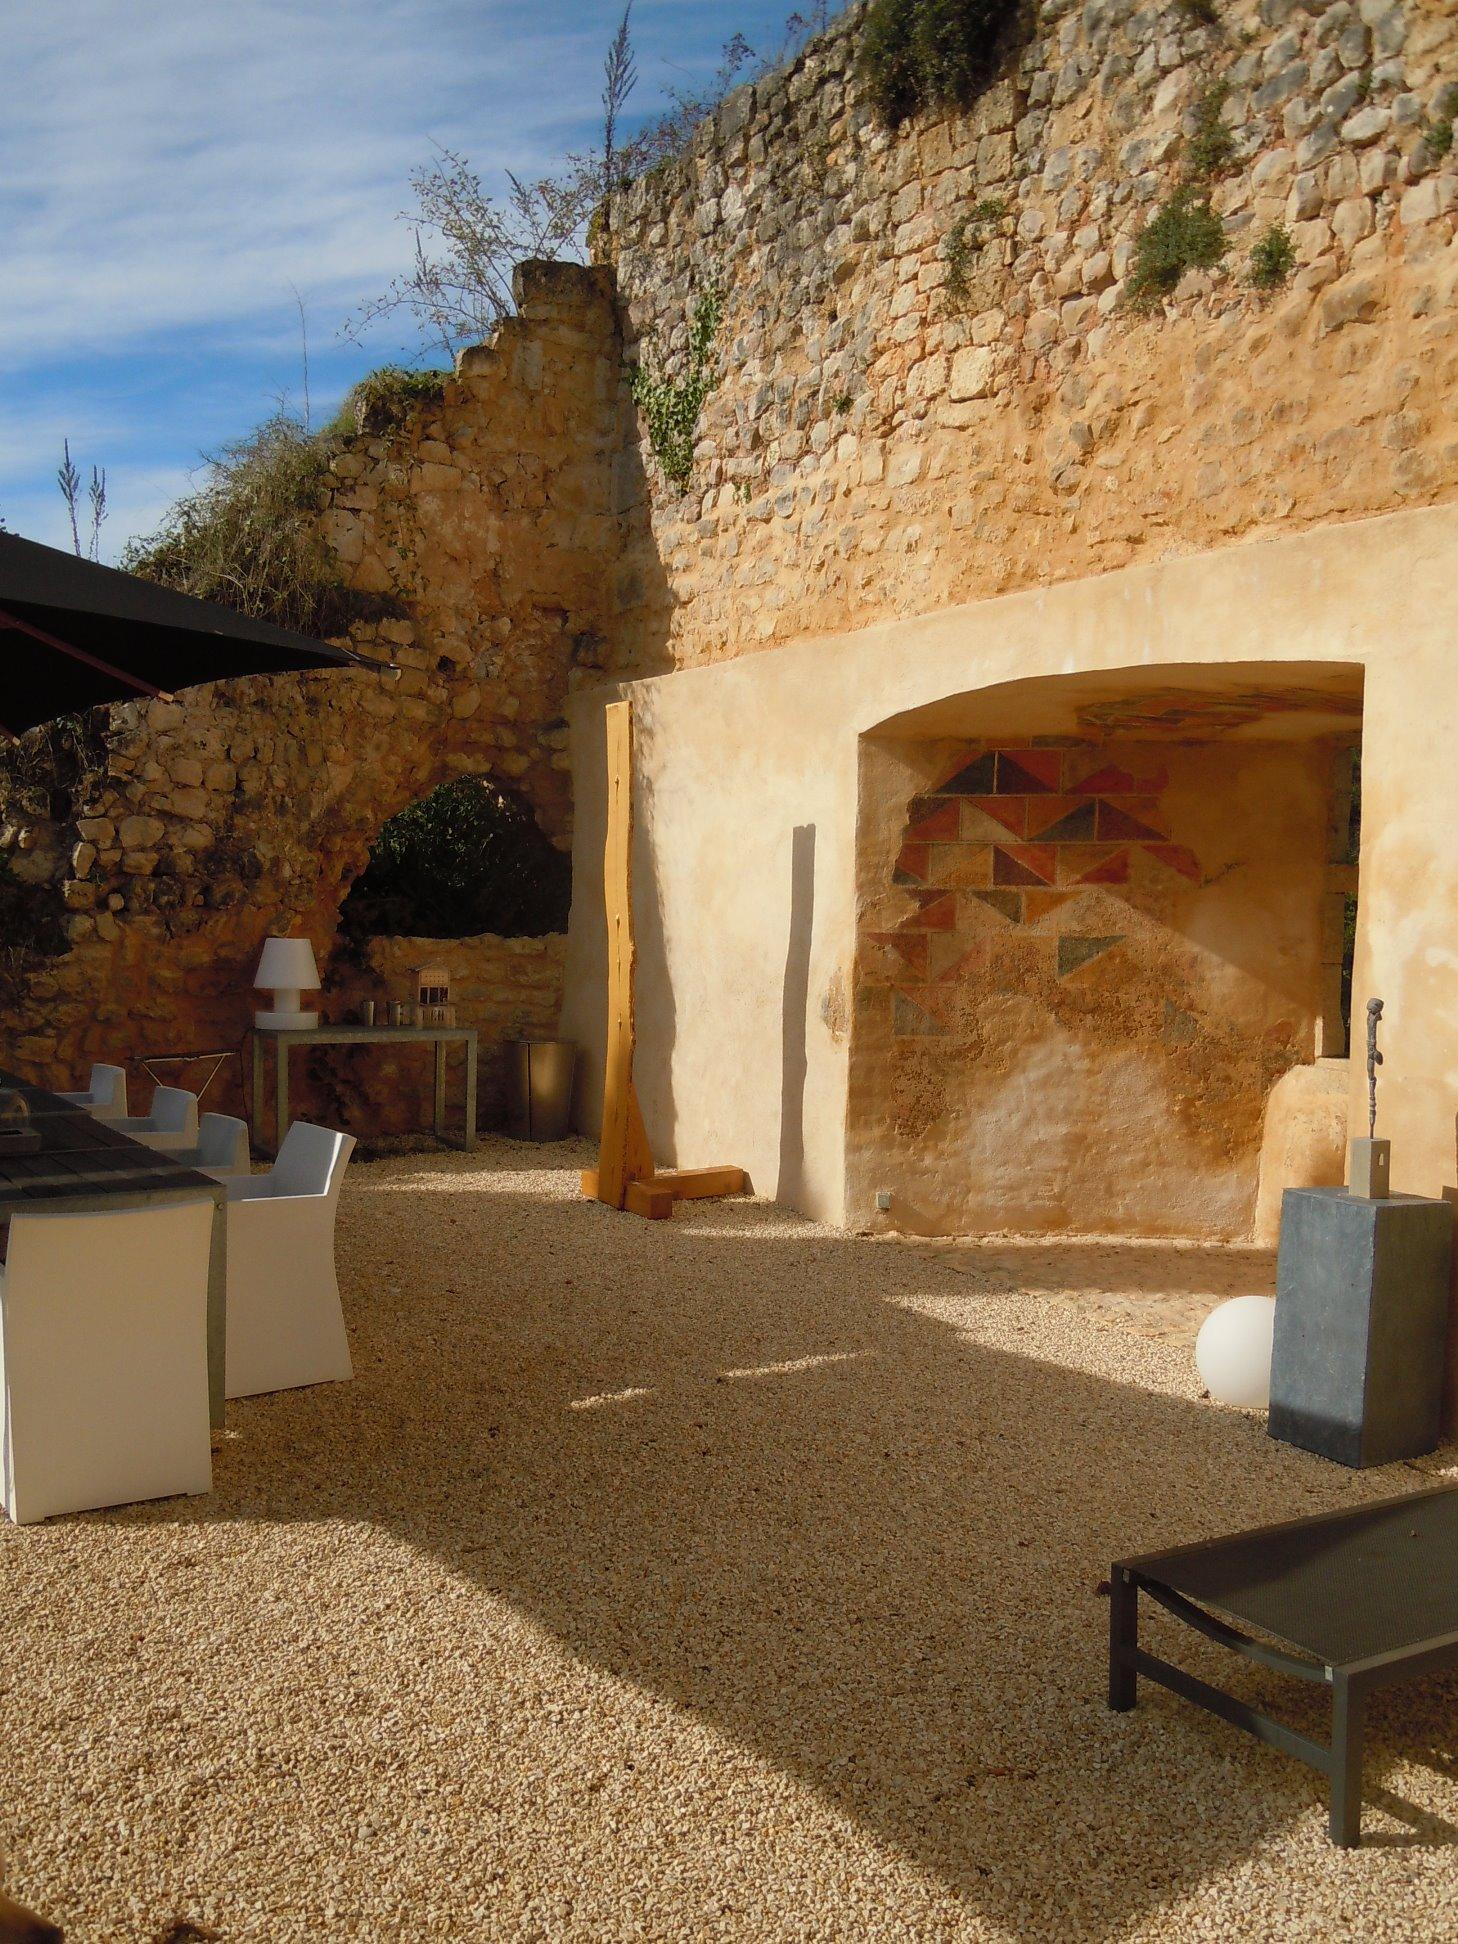 Castle Dordogne for Sale - Chateau de Clerans - terrace